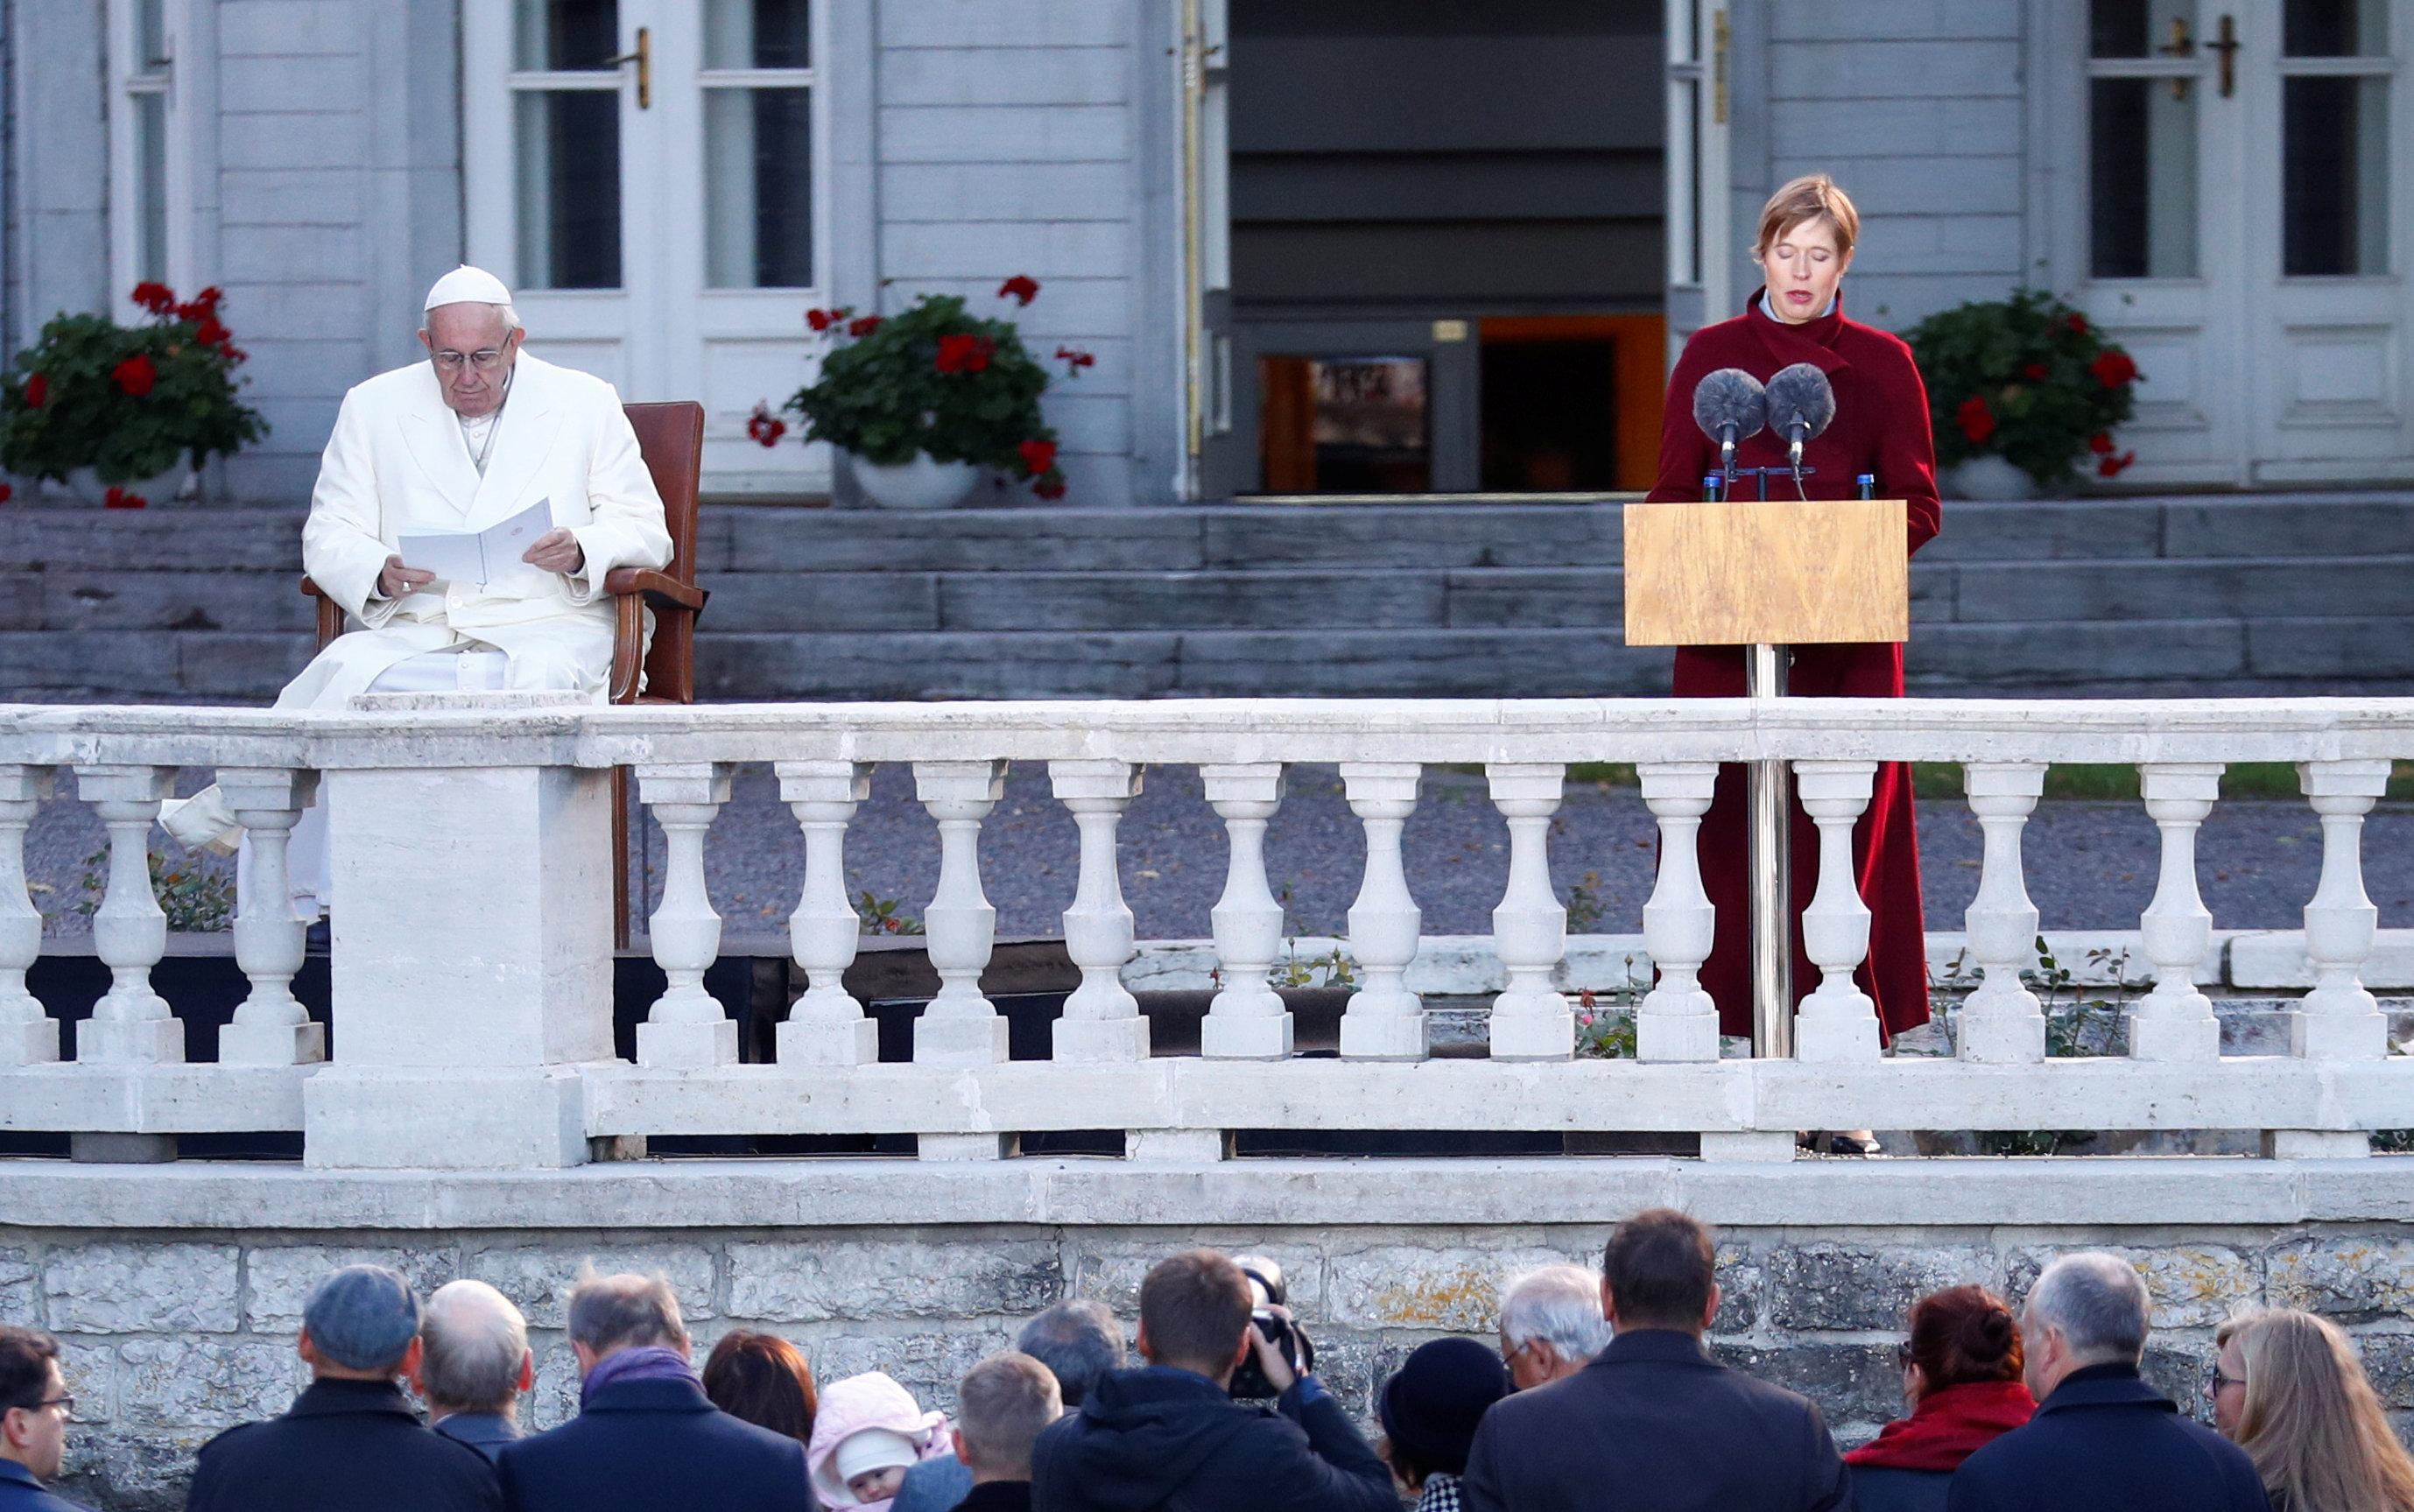 البابا فرنسيس والرئيس الإستونى كيرستى كالجولد يستقبلان السلطات الإستونية والقادة المحليين وممثلي السلك الدبلوماسى فى القصر الرئاسى